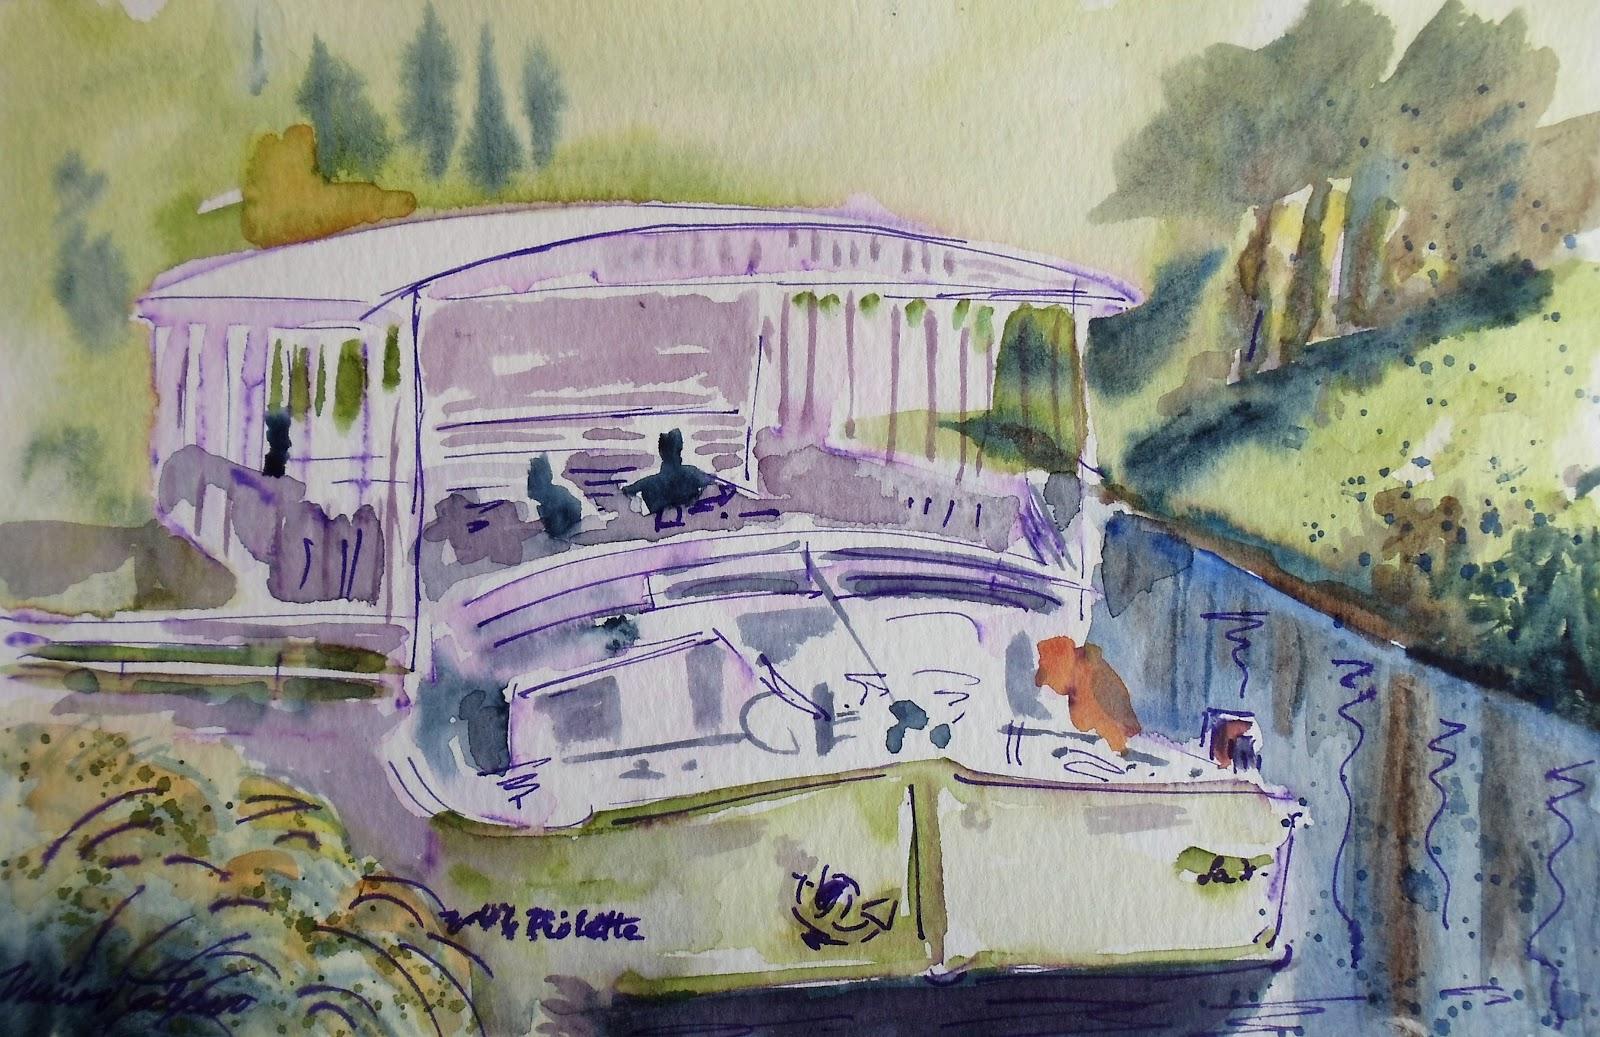 Minnie valero maison de la violette toulouse for Maison violette toulouse